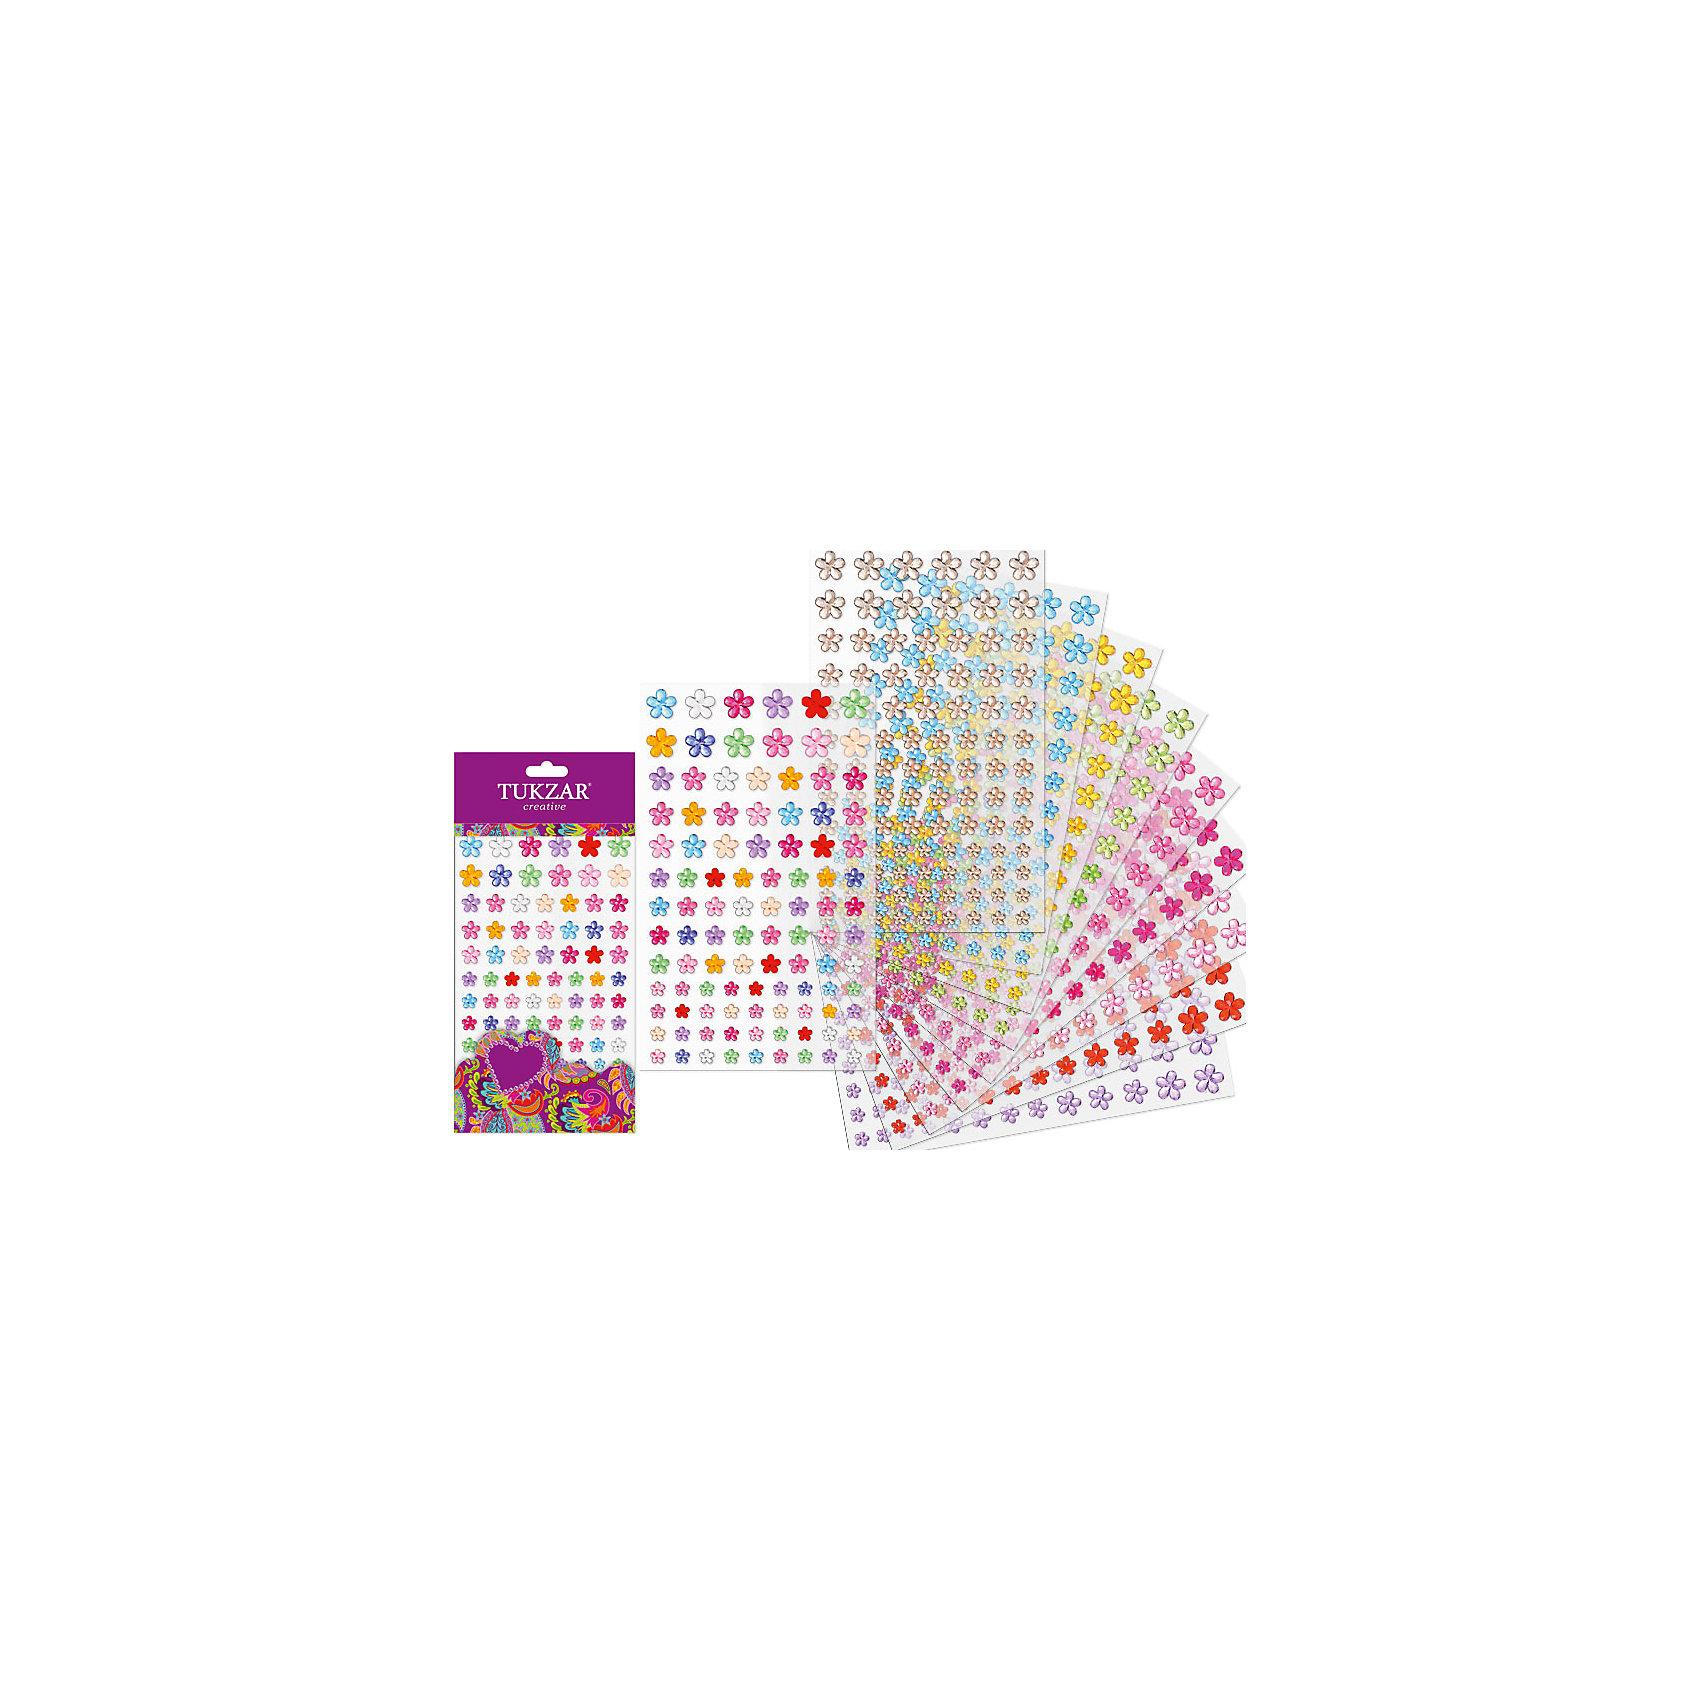 Акриловые наклейки-стразы Цветочки, 101 штТворчество для малышей<br>Объемные акриловые наклейки-стразы Цветочки, 101 шт отлично подойдут для декора Вашего интерьера. Благодаря самоклеящейся поверхности легко наклеиваются на любую ровную поверхность (стену, кафель, дверь, зеркало, окно и др.) и также просто удаляются, не оставляя следов. <br><br>Характеристики:<br>-можно нанести практически на любую поверхность<br>-легко удаляются и не оставляют пятен<br>-помогут скрыть дефект и недостатки поверхности<br>-дают возможность проявить свою фантазию и выступить в роли дизайнера<br>-станут оригинальным подарком для друзей и родных<br><br>Комплектация: 101 наклейка в форме разноцветных цветочков<br><br>Акриловые наклейки-стразы – прекрасное решение, которое позволит преобразить и оживить Ваш интерьер за минуту!<br><br>Акриловые наклейки-стразы Цветочки, 101 шт можно купить в нашем магазине.<br><br>Ширина мм: 220<br>Глубина мм: 220<br>Высота мм: 5<br>Вес г: 100<br>Возраст от месяцев: 36<br>Возраст до месяцев: 168<br>Пол: Унисекс<br>Возраст: Детский<br>SKU: 4040379